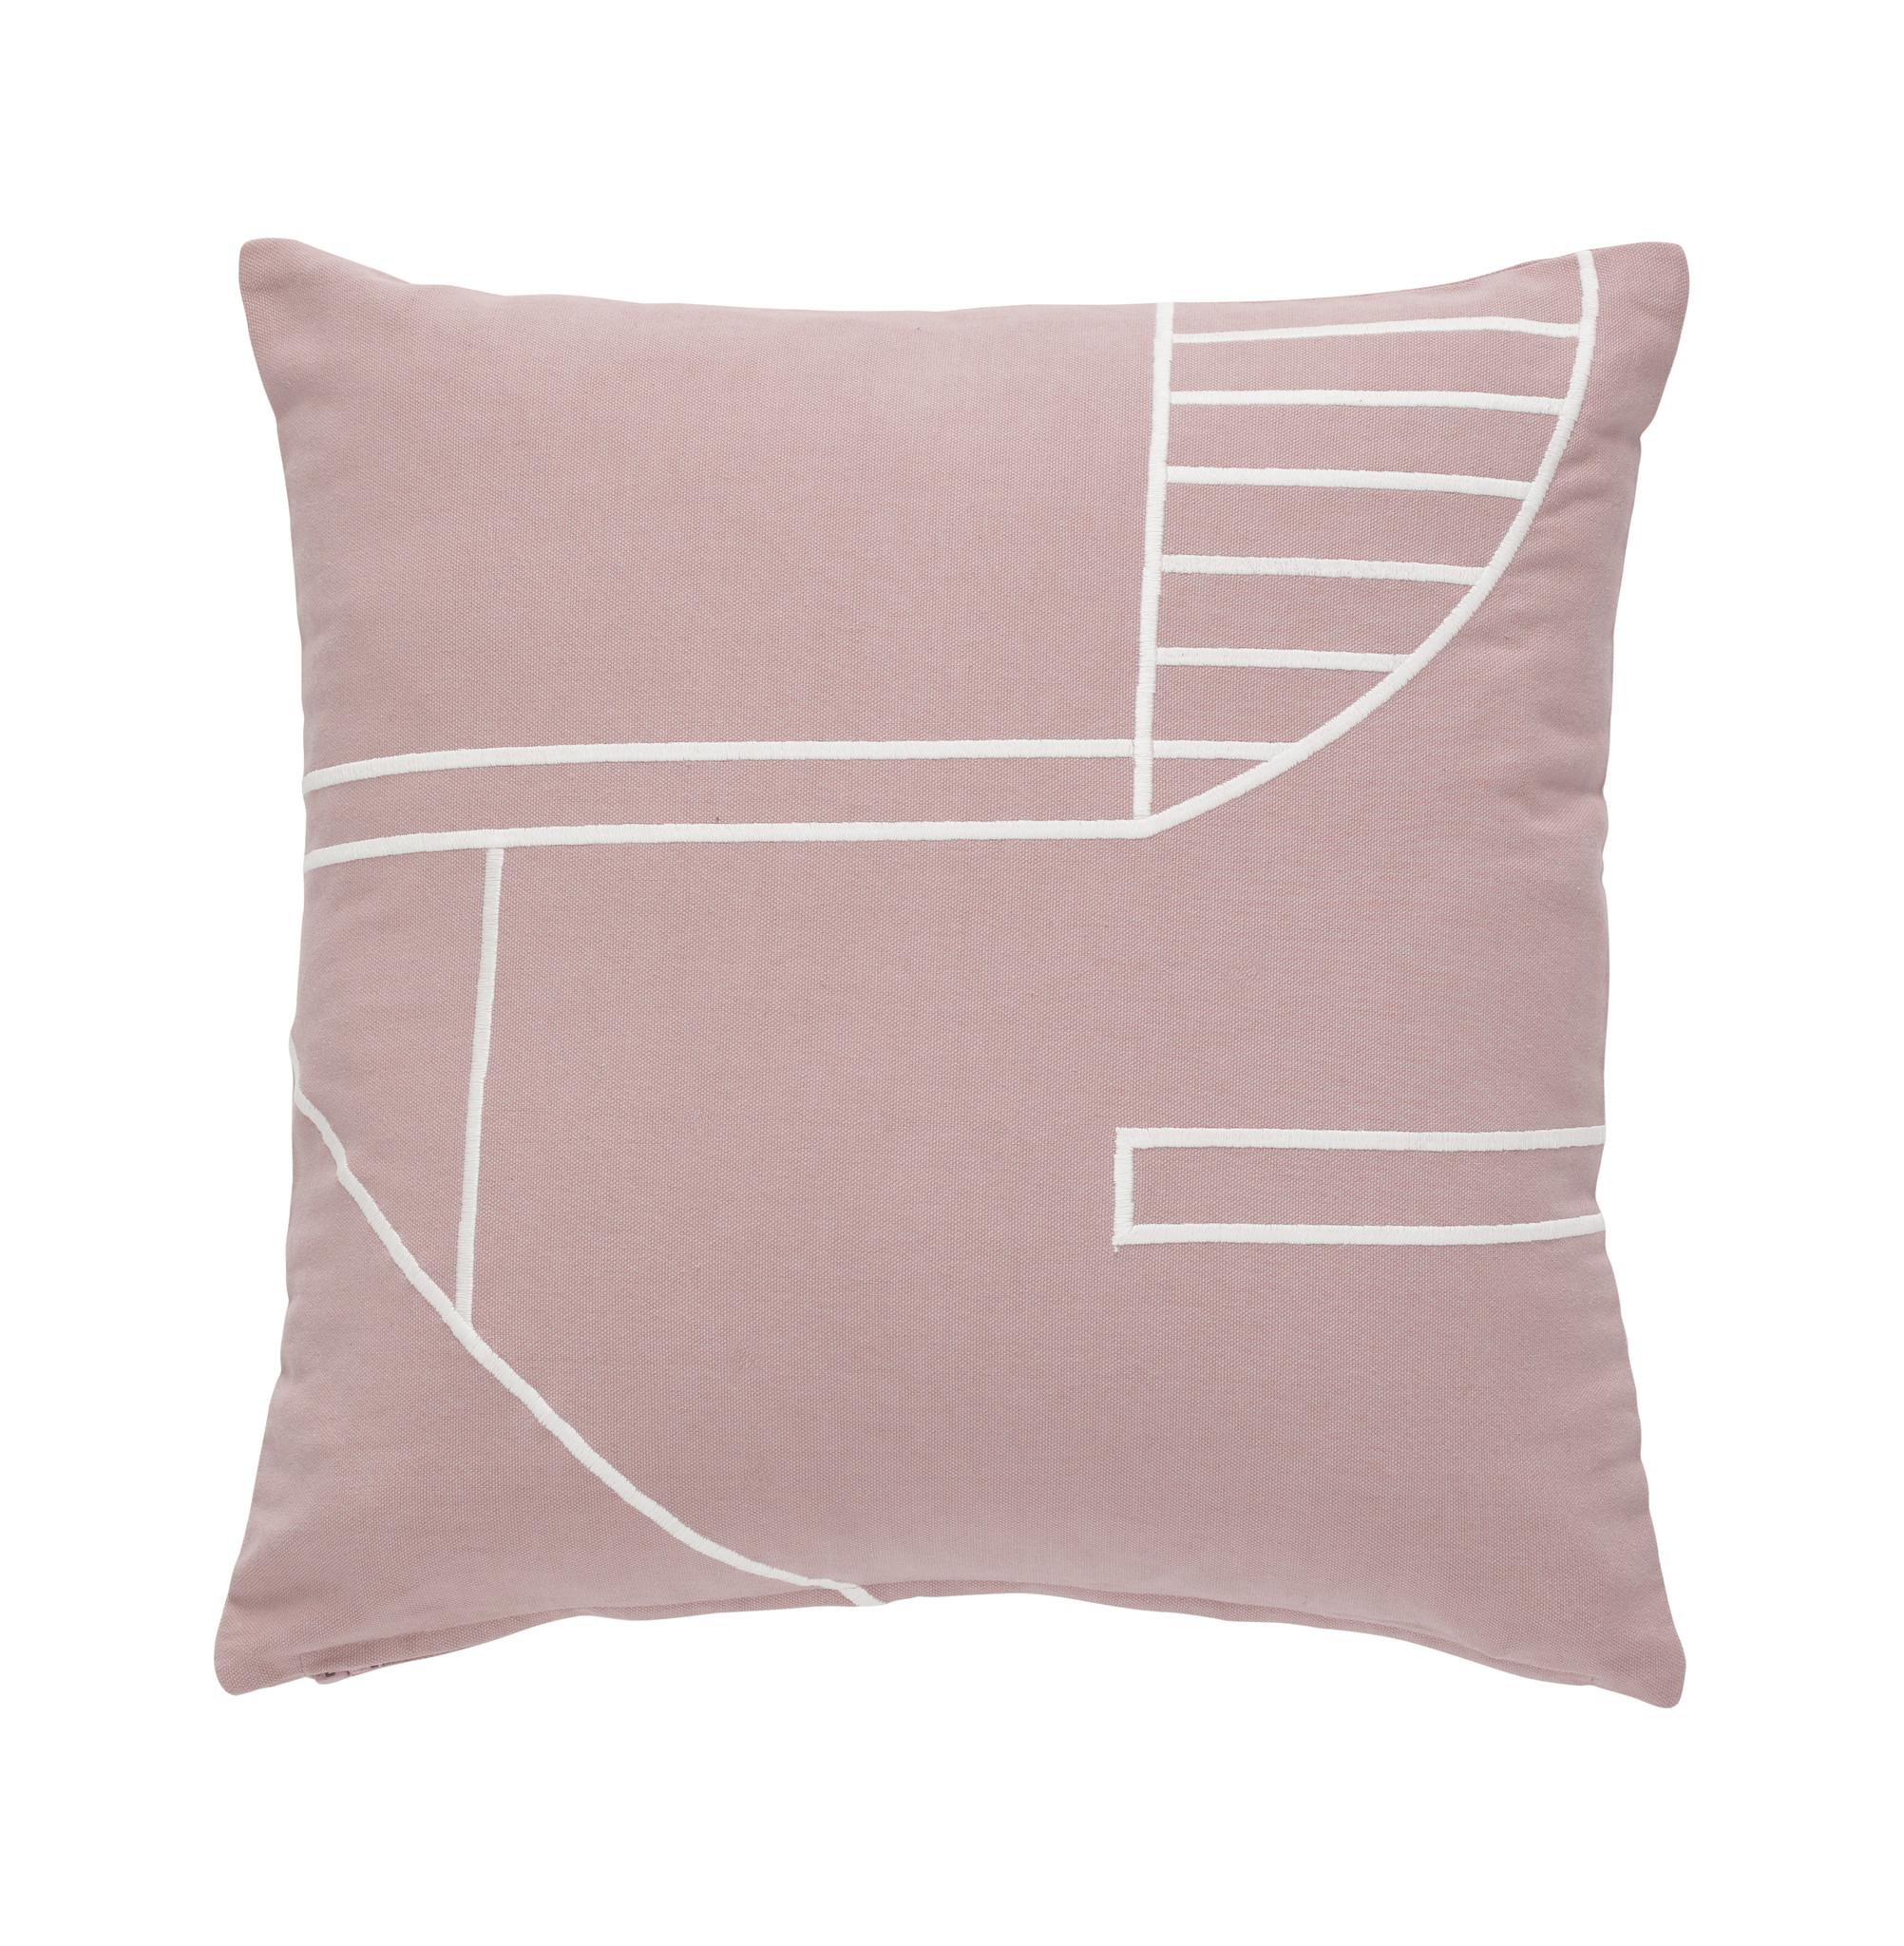 Hubsch Kussen met vuller, katoen, roze / wit